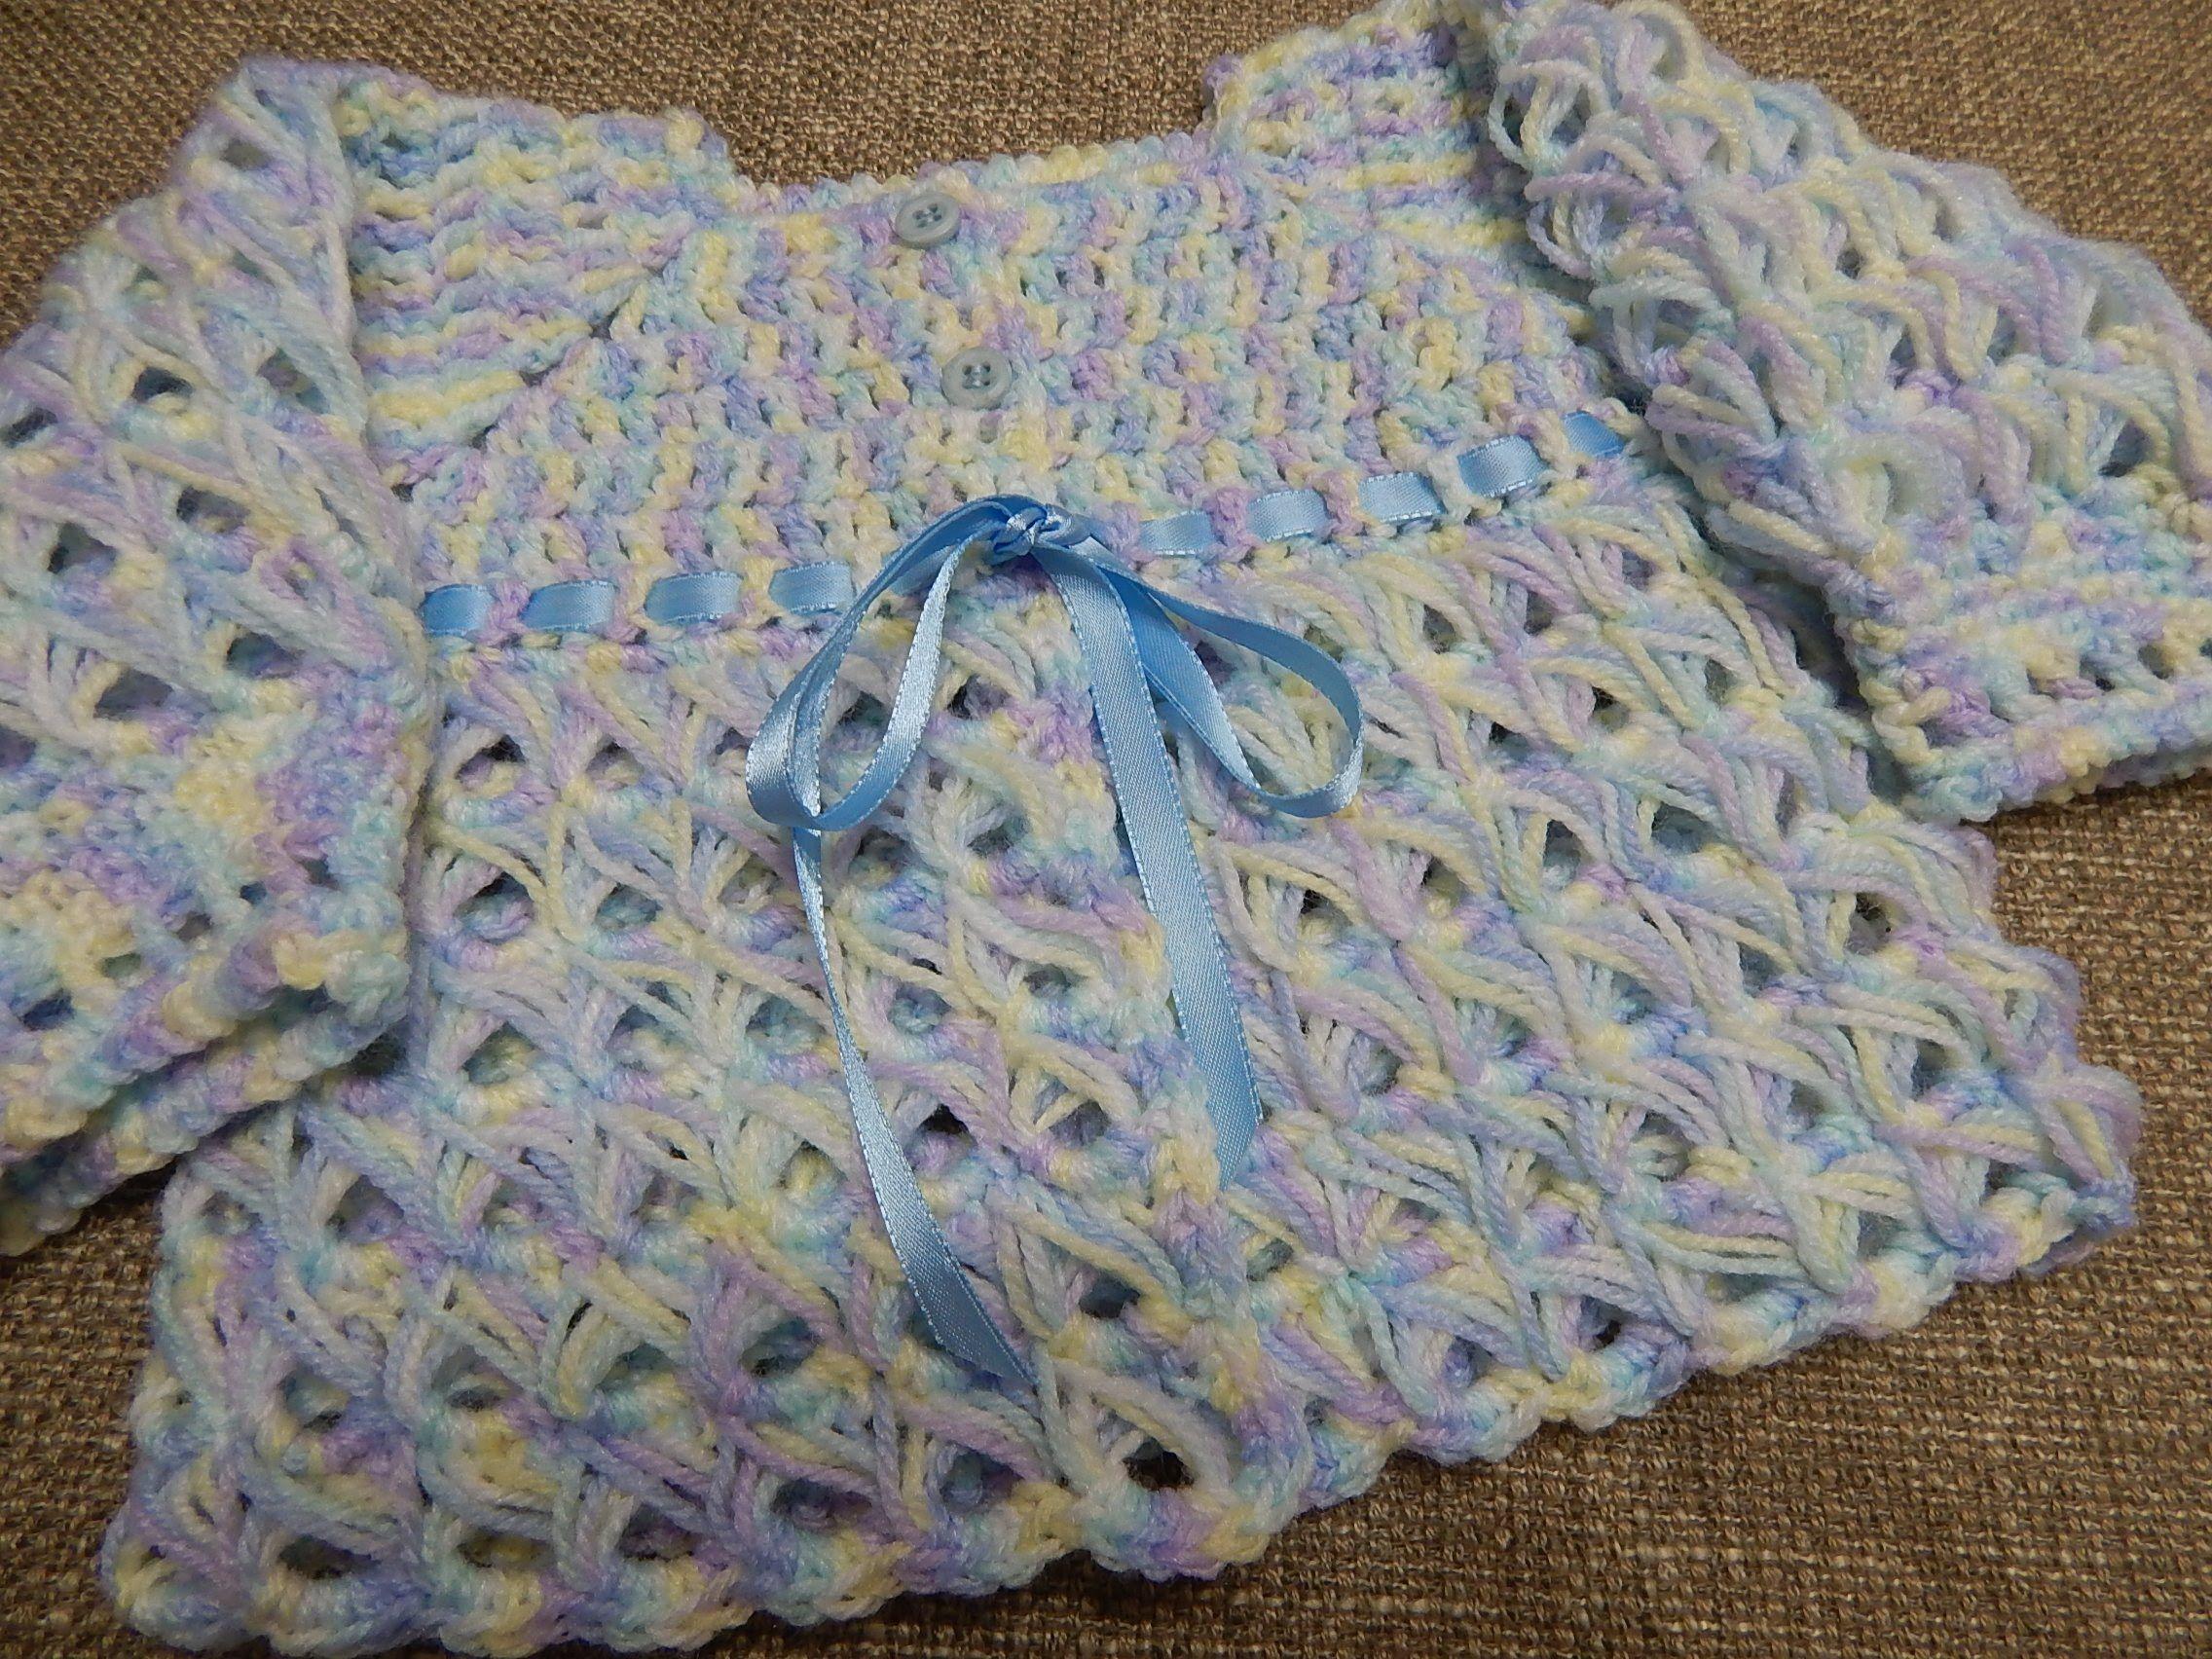 Suéter Bebe 0-3 Meses Crochet | Bebe | Pinterest | Suéteres, Bebe y Bebé